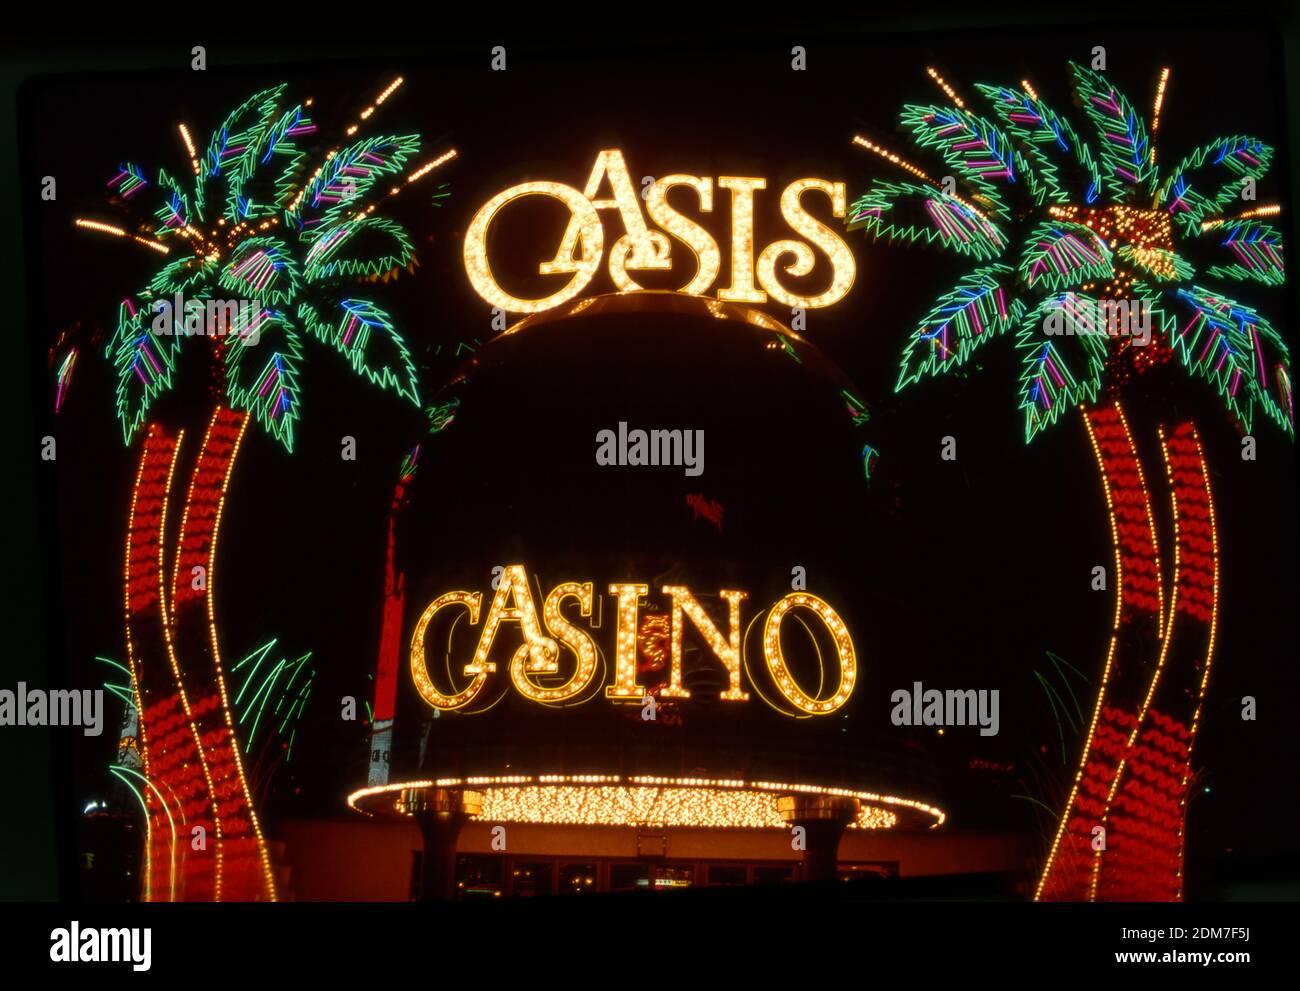 Oasis casino las vegas nv sewer run 2 hacked games